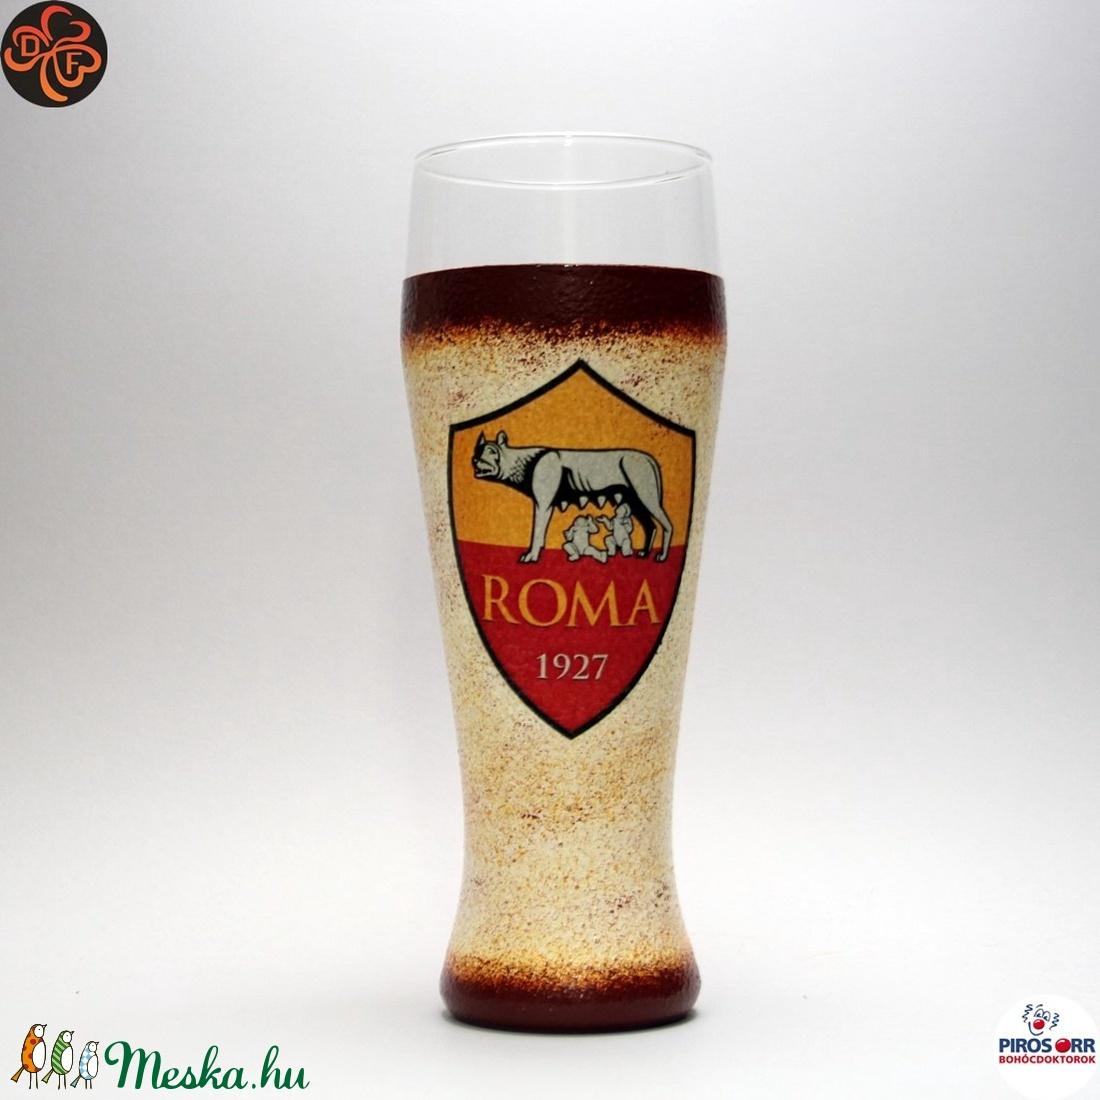 AS Roma sörös pohár ; foci szurkolóknak (decorfantasy) - Meska.hu